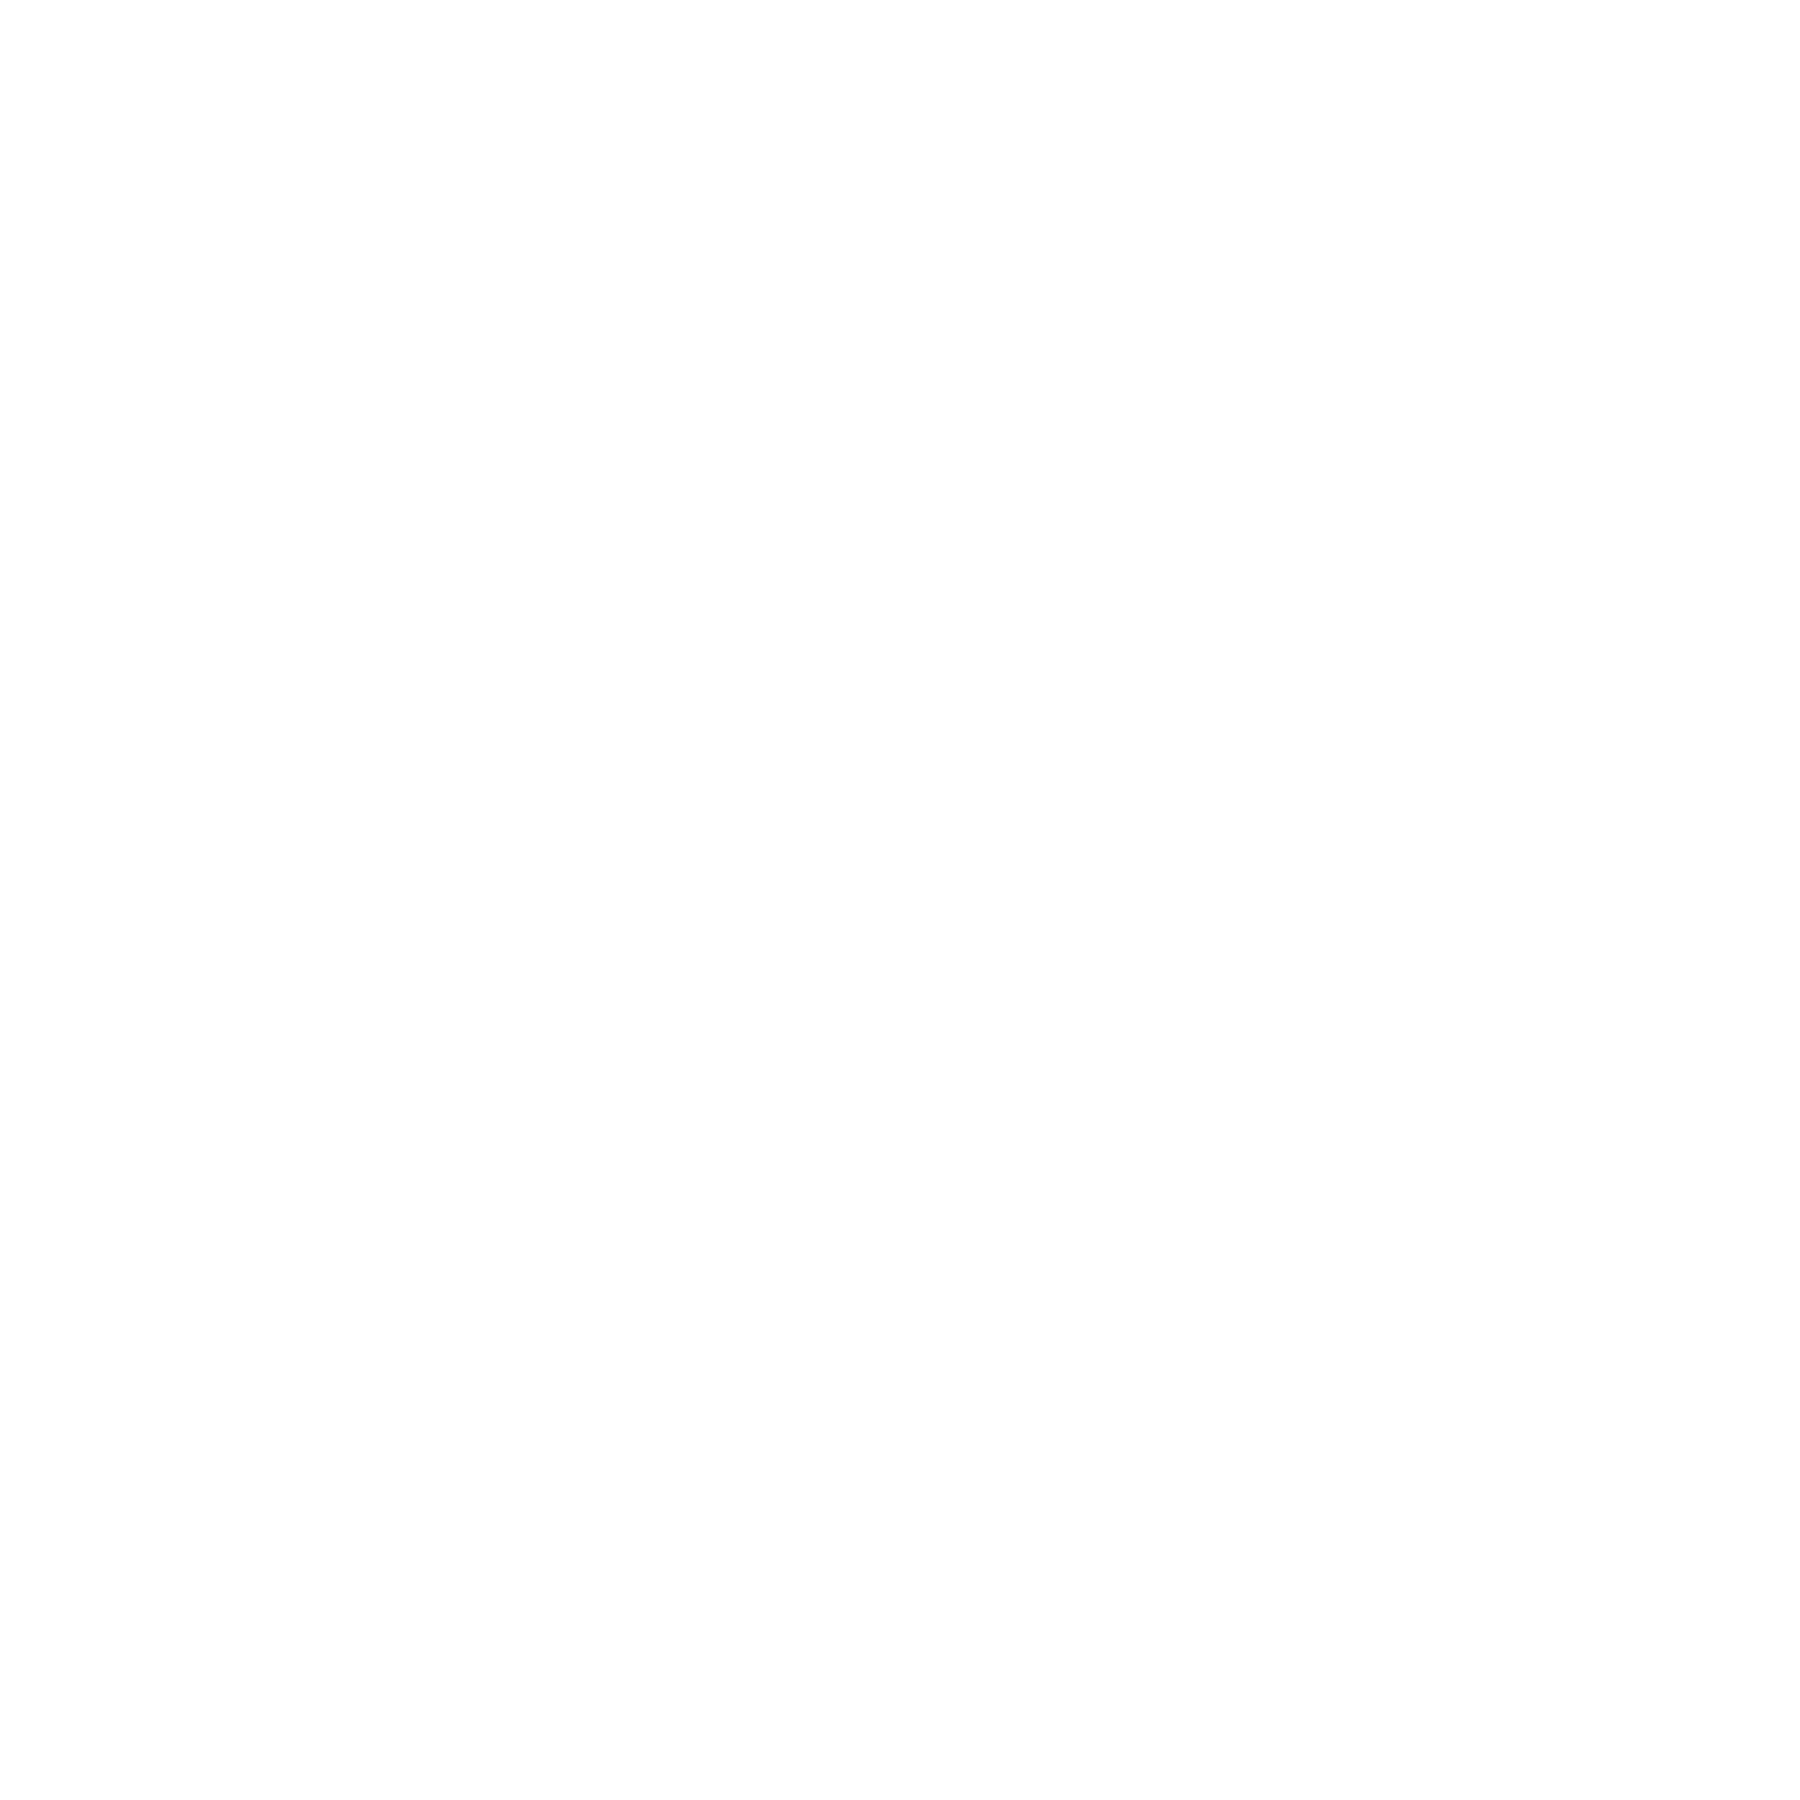 eev-for-homepage